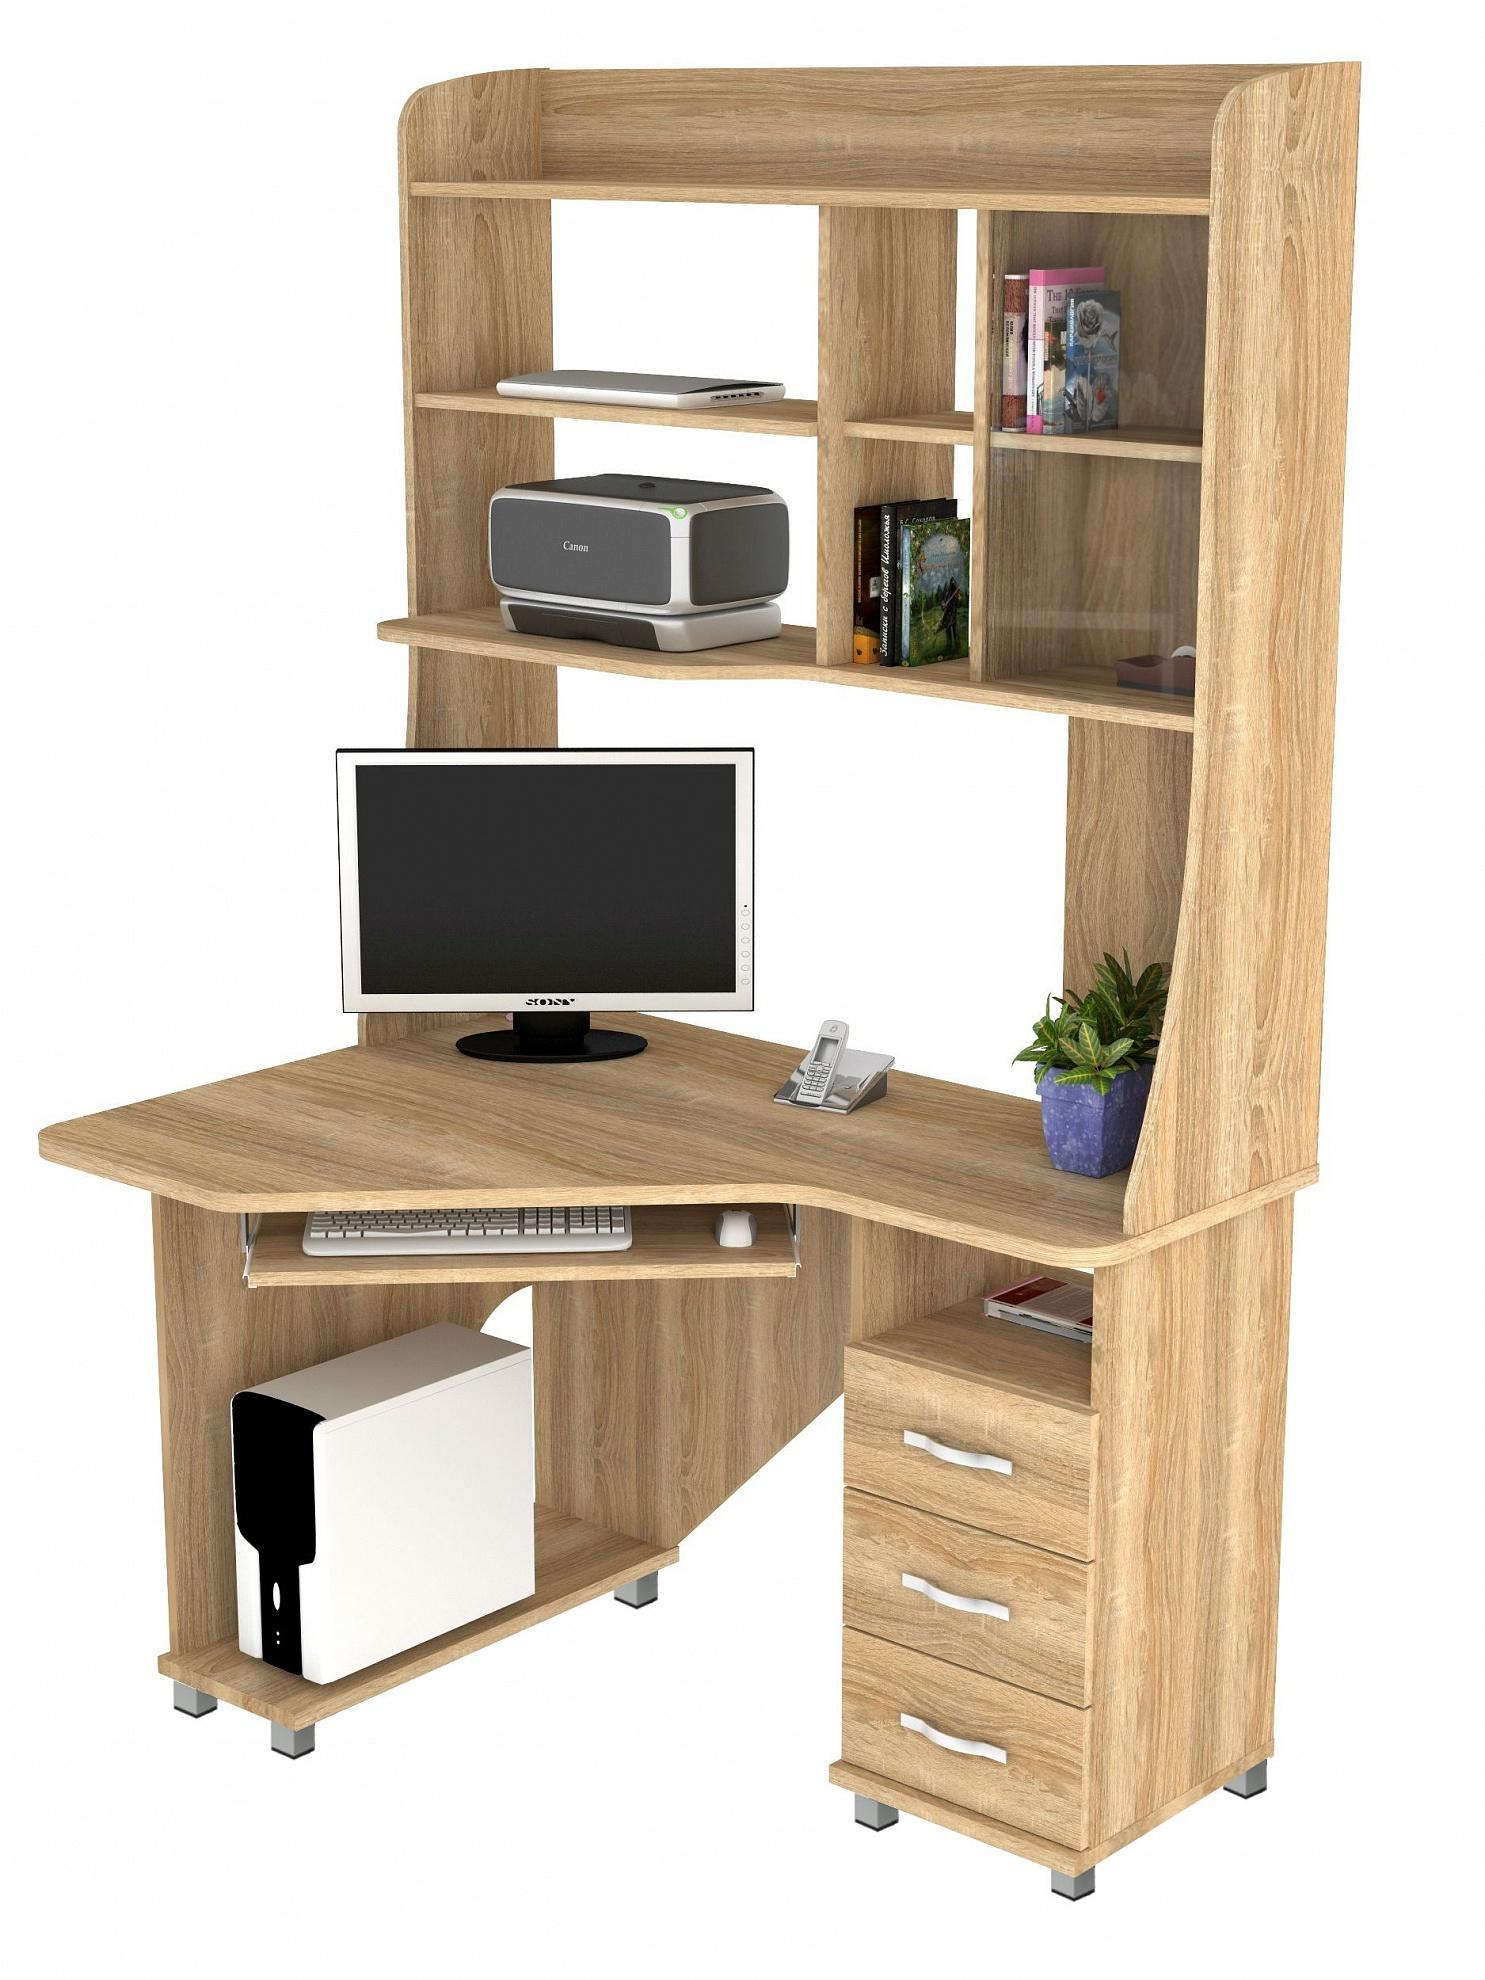 Стол компьютерный ВасКо КС 20-29 м1